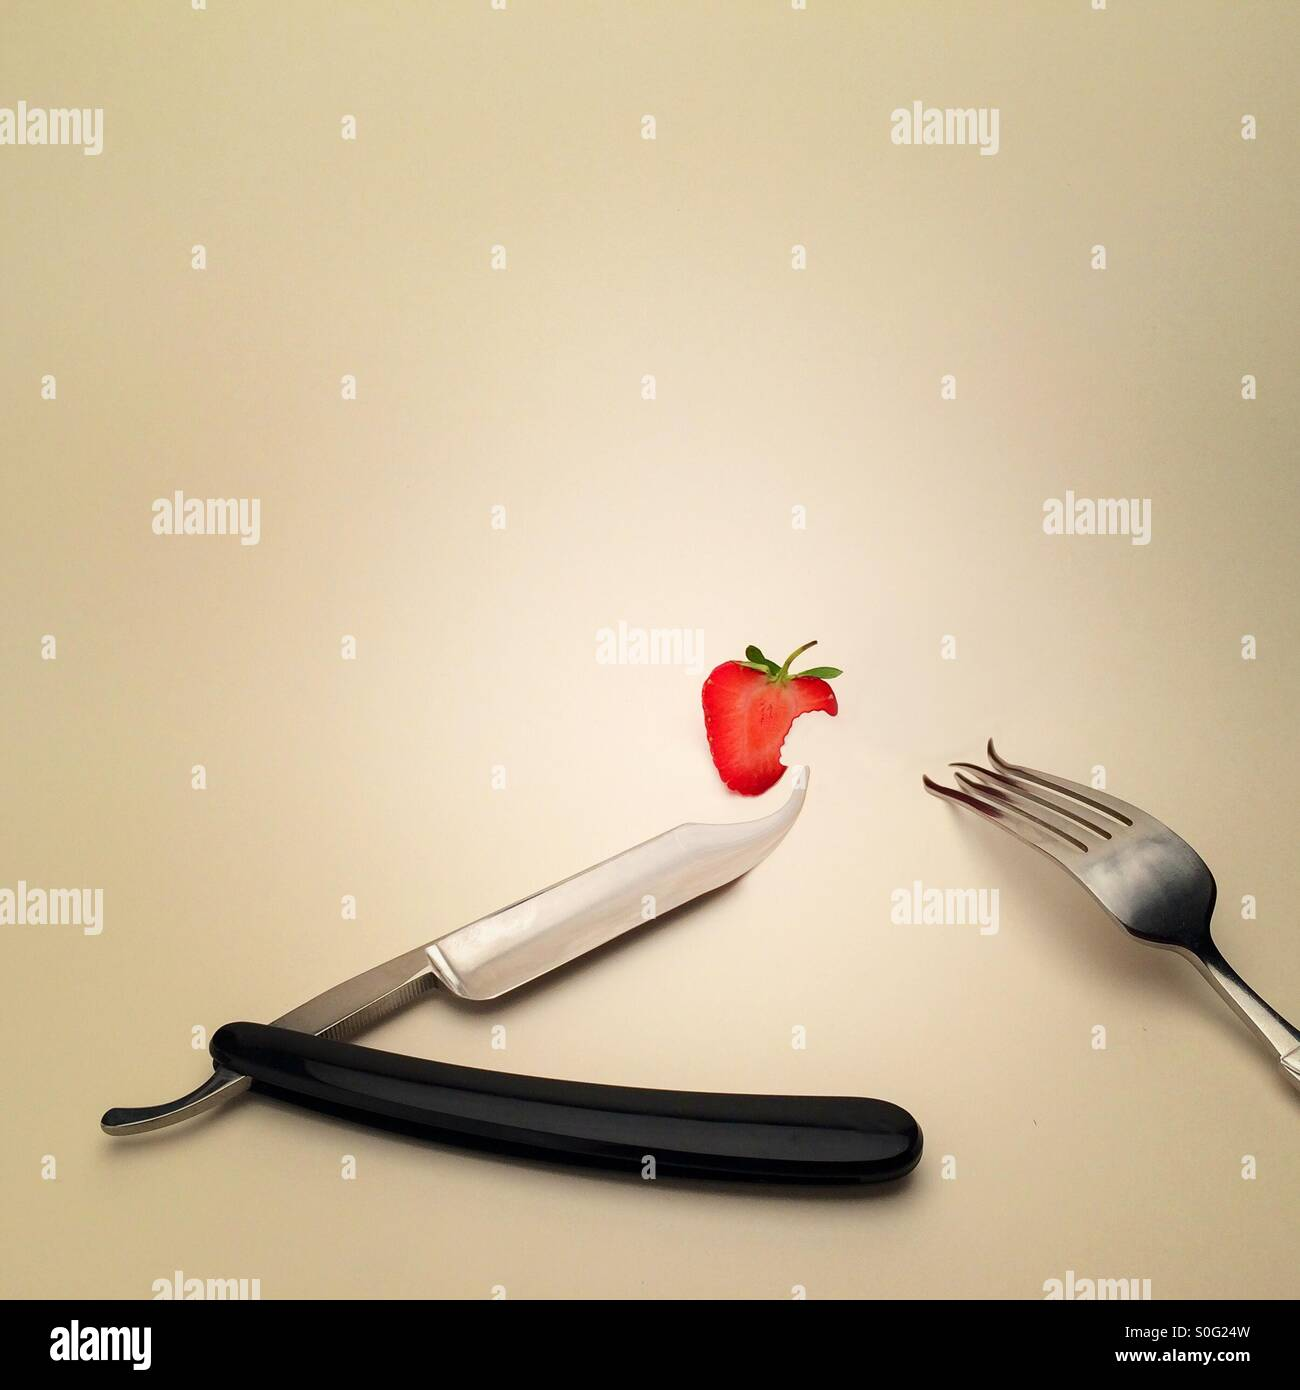 Schneiden Sie Hals gestochen Messer Gabel und Erdbeere (digital manipulierte Bild) zeigt eine seltsame und surreale Stockfoto